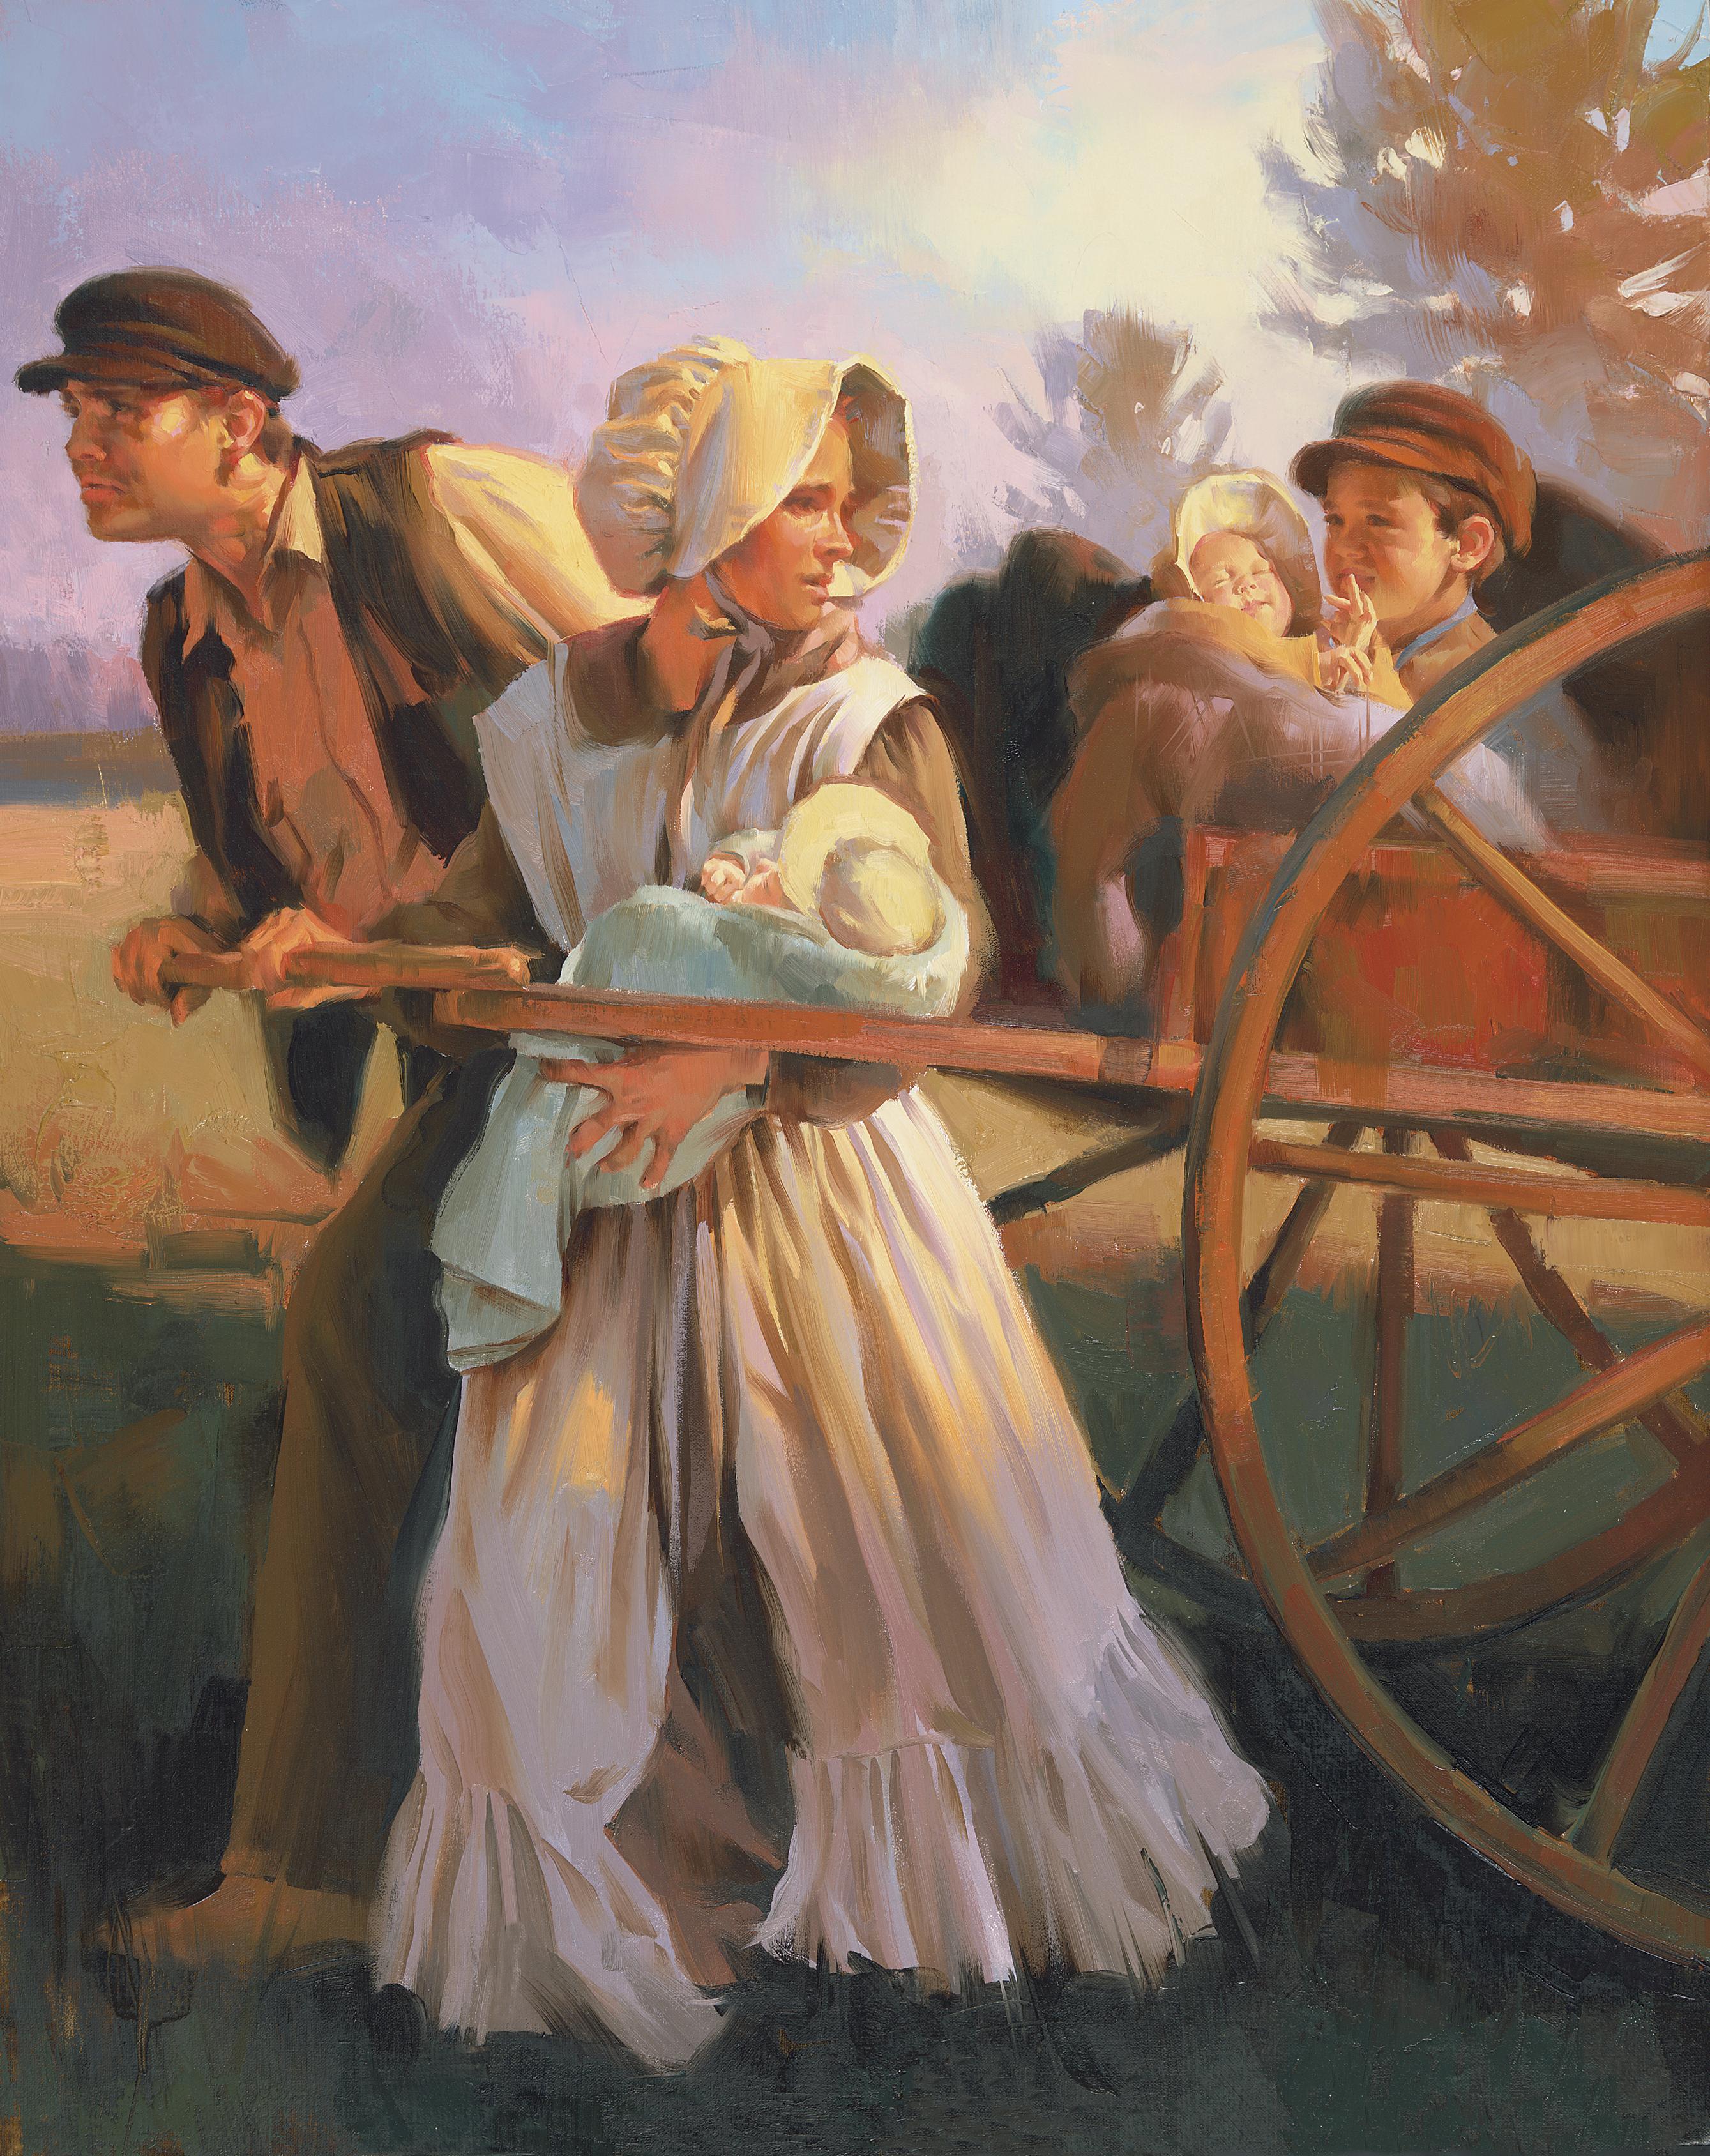 Handcart Pioneers, by Sam Lawlor